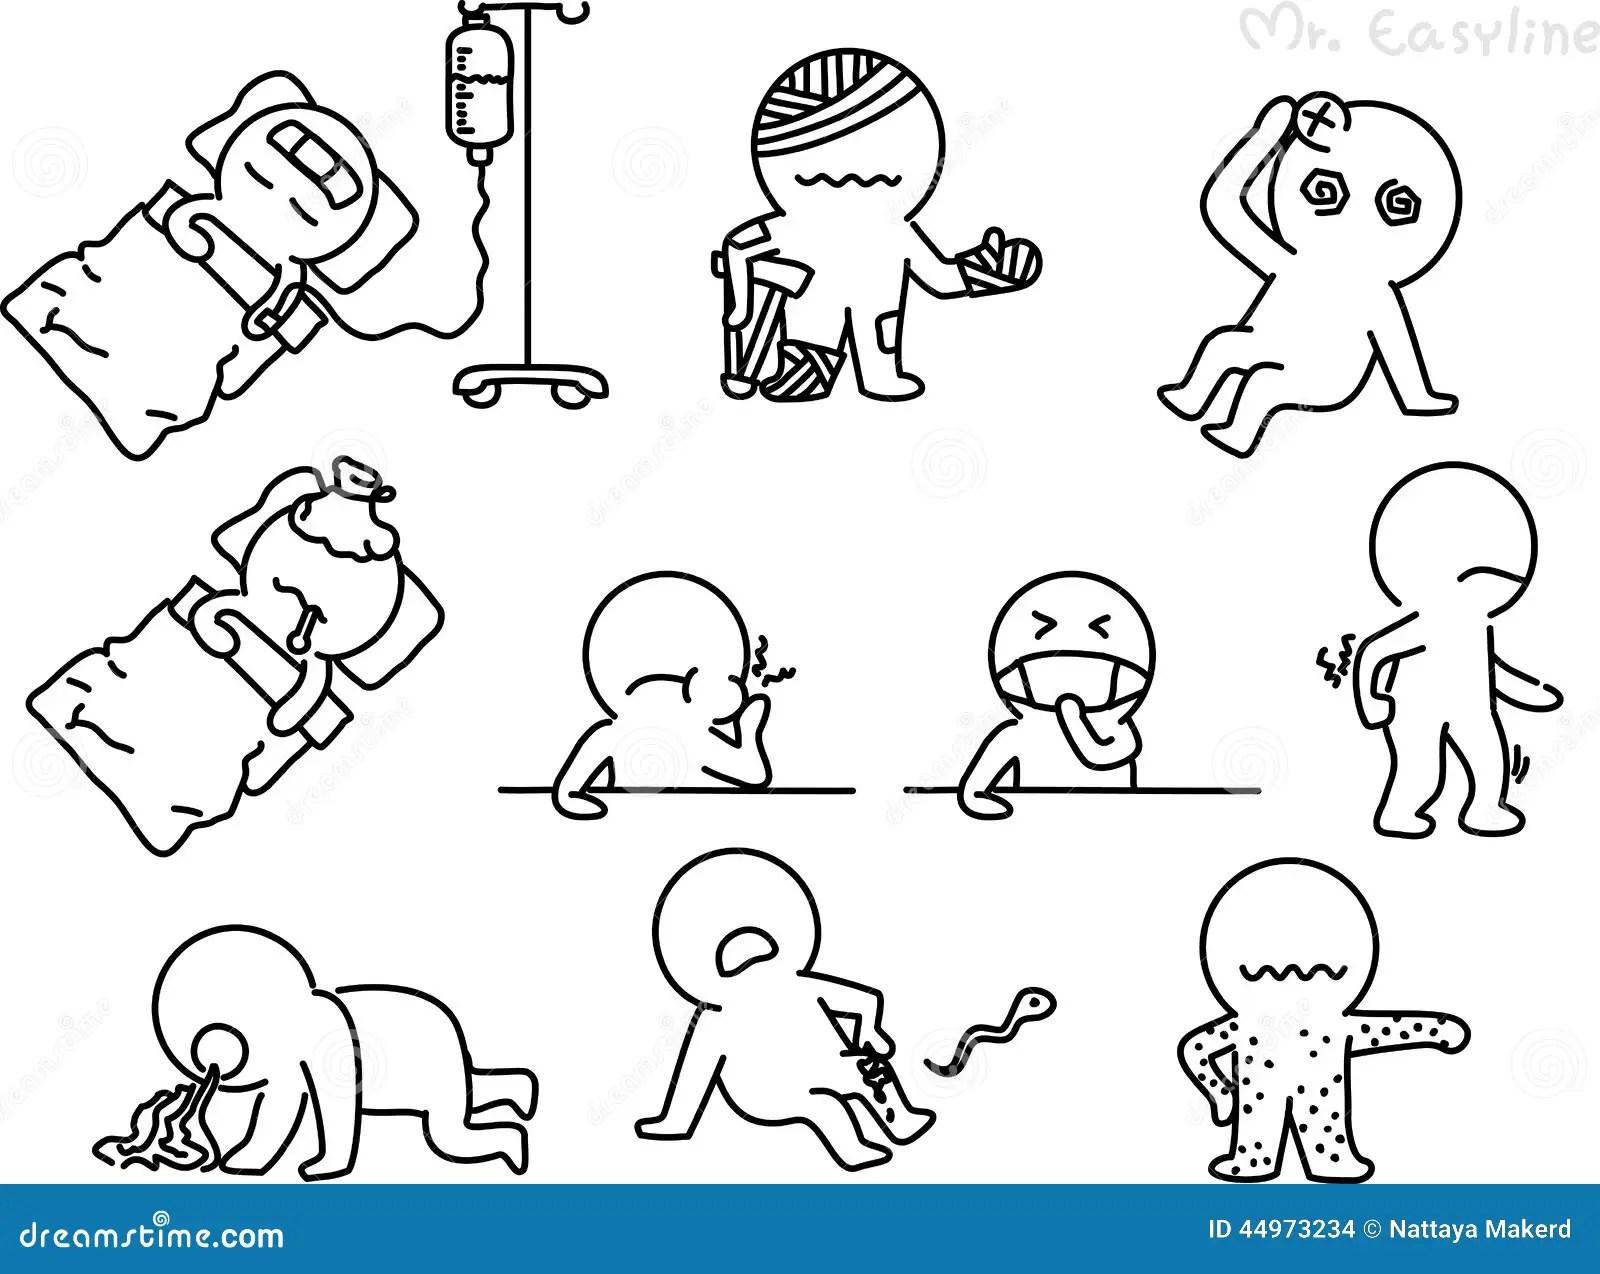 Dessin Au Crayon Comme Vecteur De Patient Illustration De